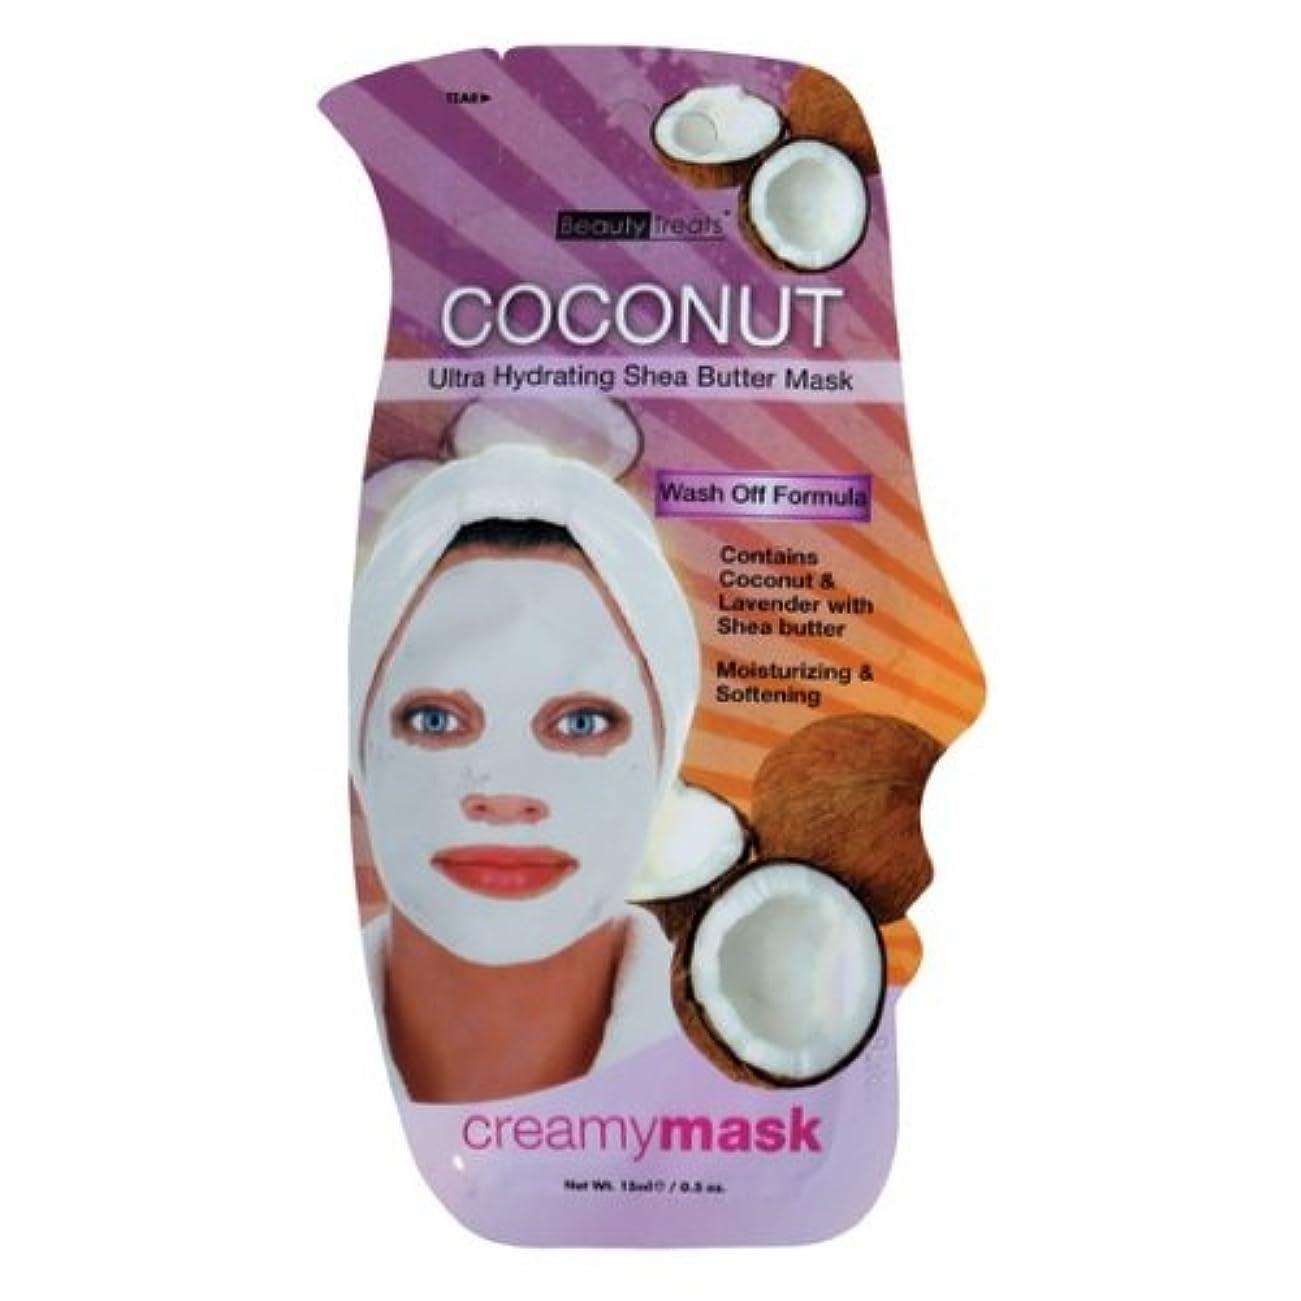 離すはっきりとお金BEAUTY TREATS Coconut Ultra Hydrating Shea Butter Mask - Coconut (並行輸入品)